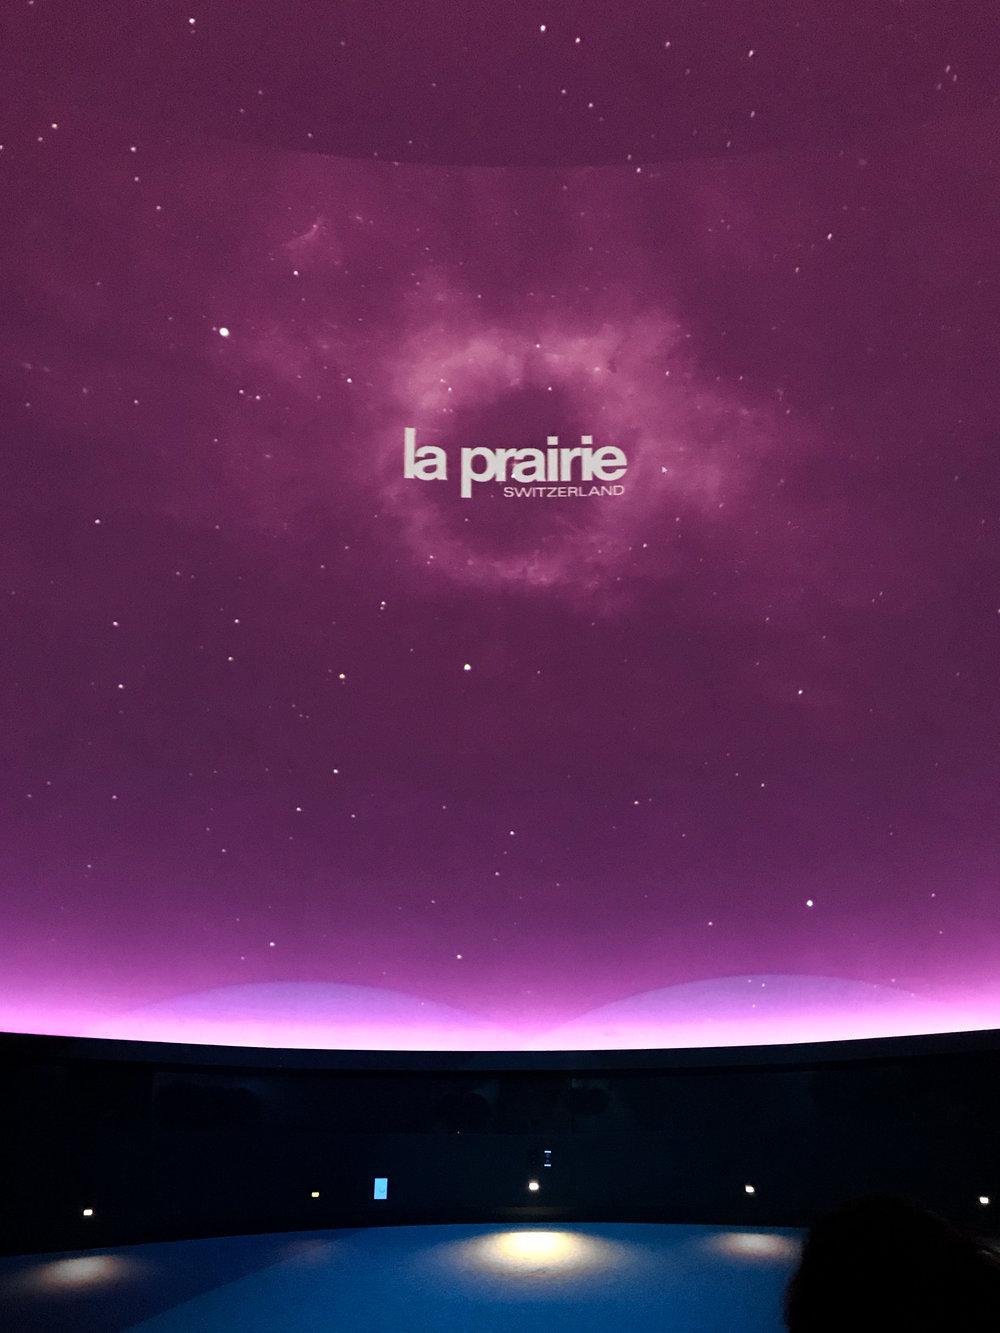 La Prairie screening at the Perez Art Museum Miami Planetarium